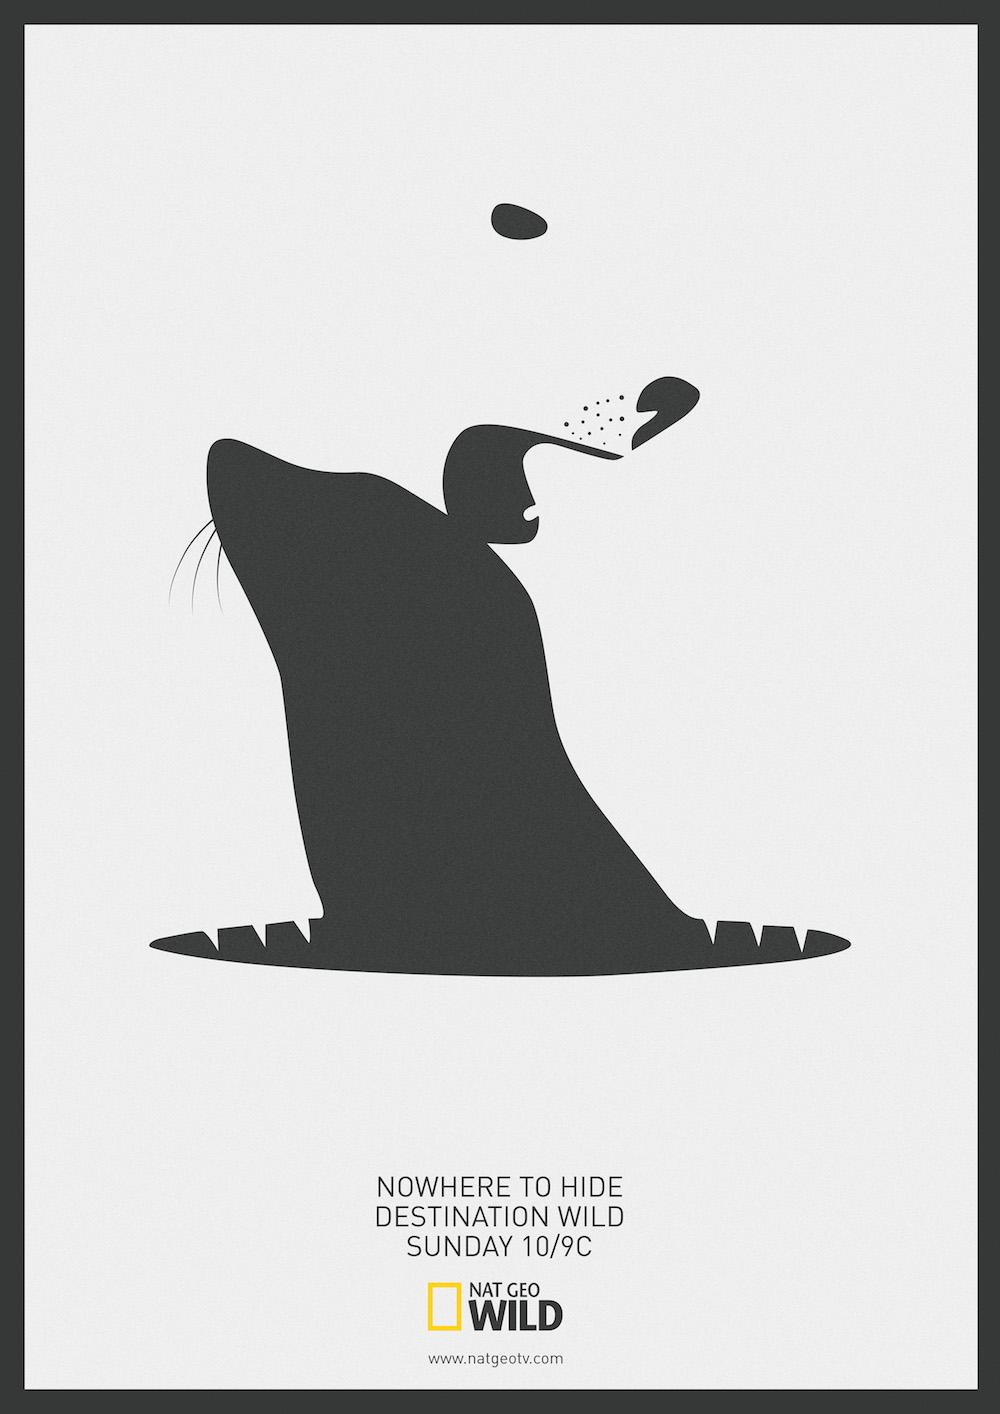 Ces affiches utilisent l'espace négatif pour faire apparaître un prédateur et sa proie